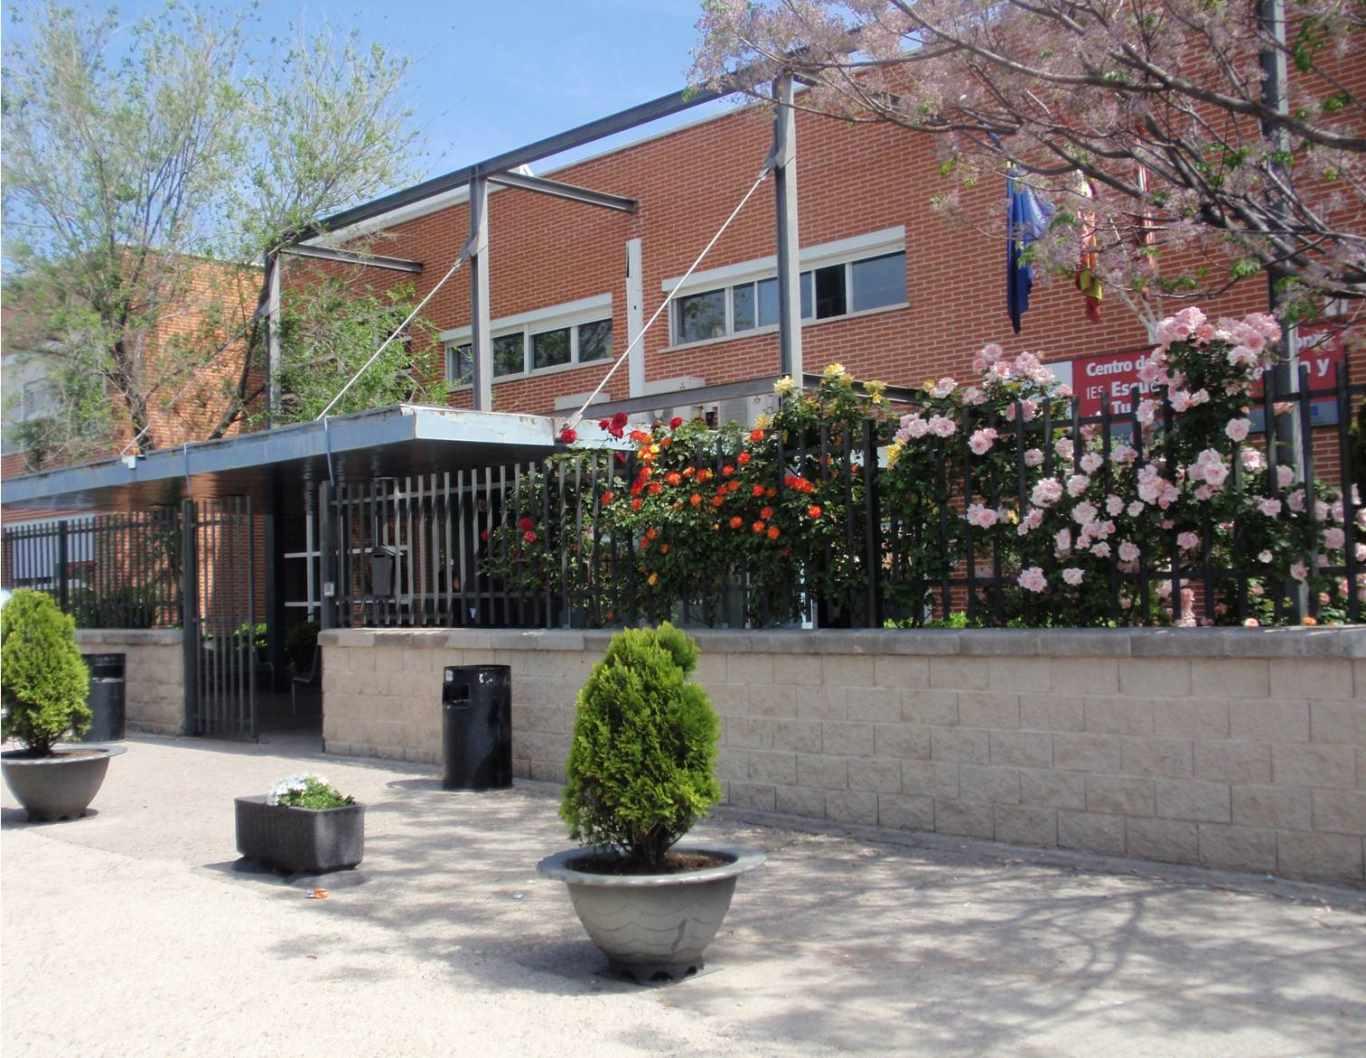 La escuela de hosteler a y turismo de alcal se va a for Estudiar interiorismo murcia